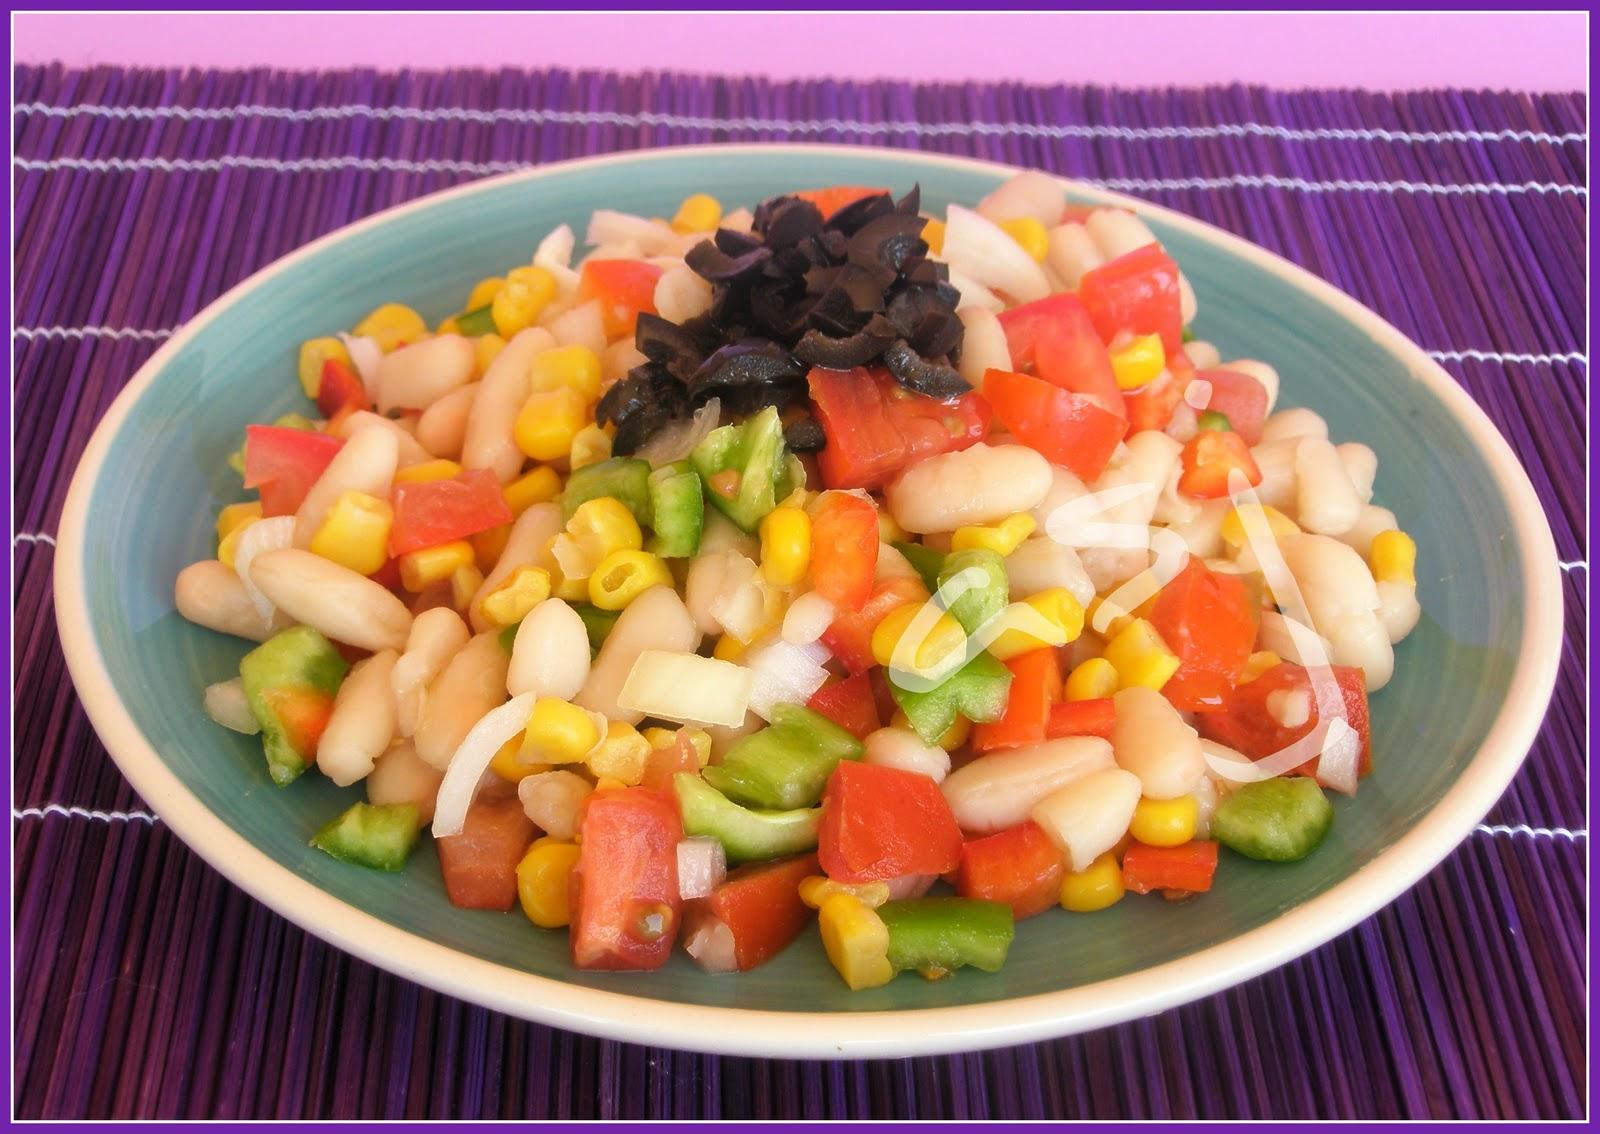 Una fiera en mi cocina ensalada de alubias con verdura - Ensalada de alubias ...